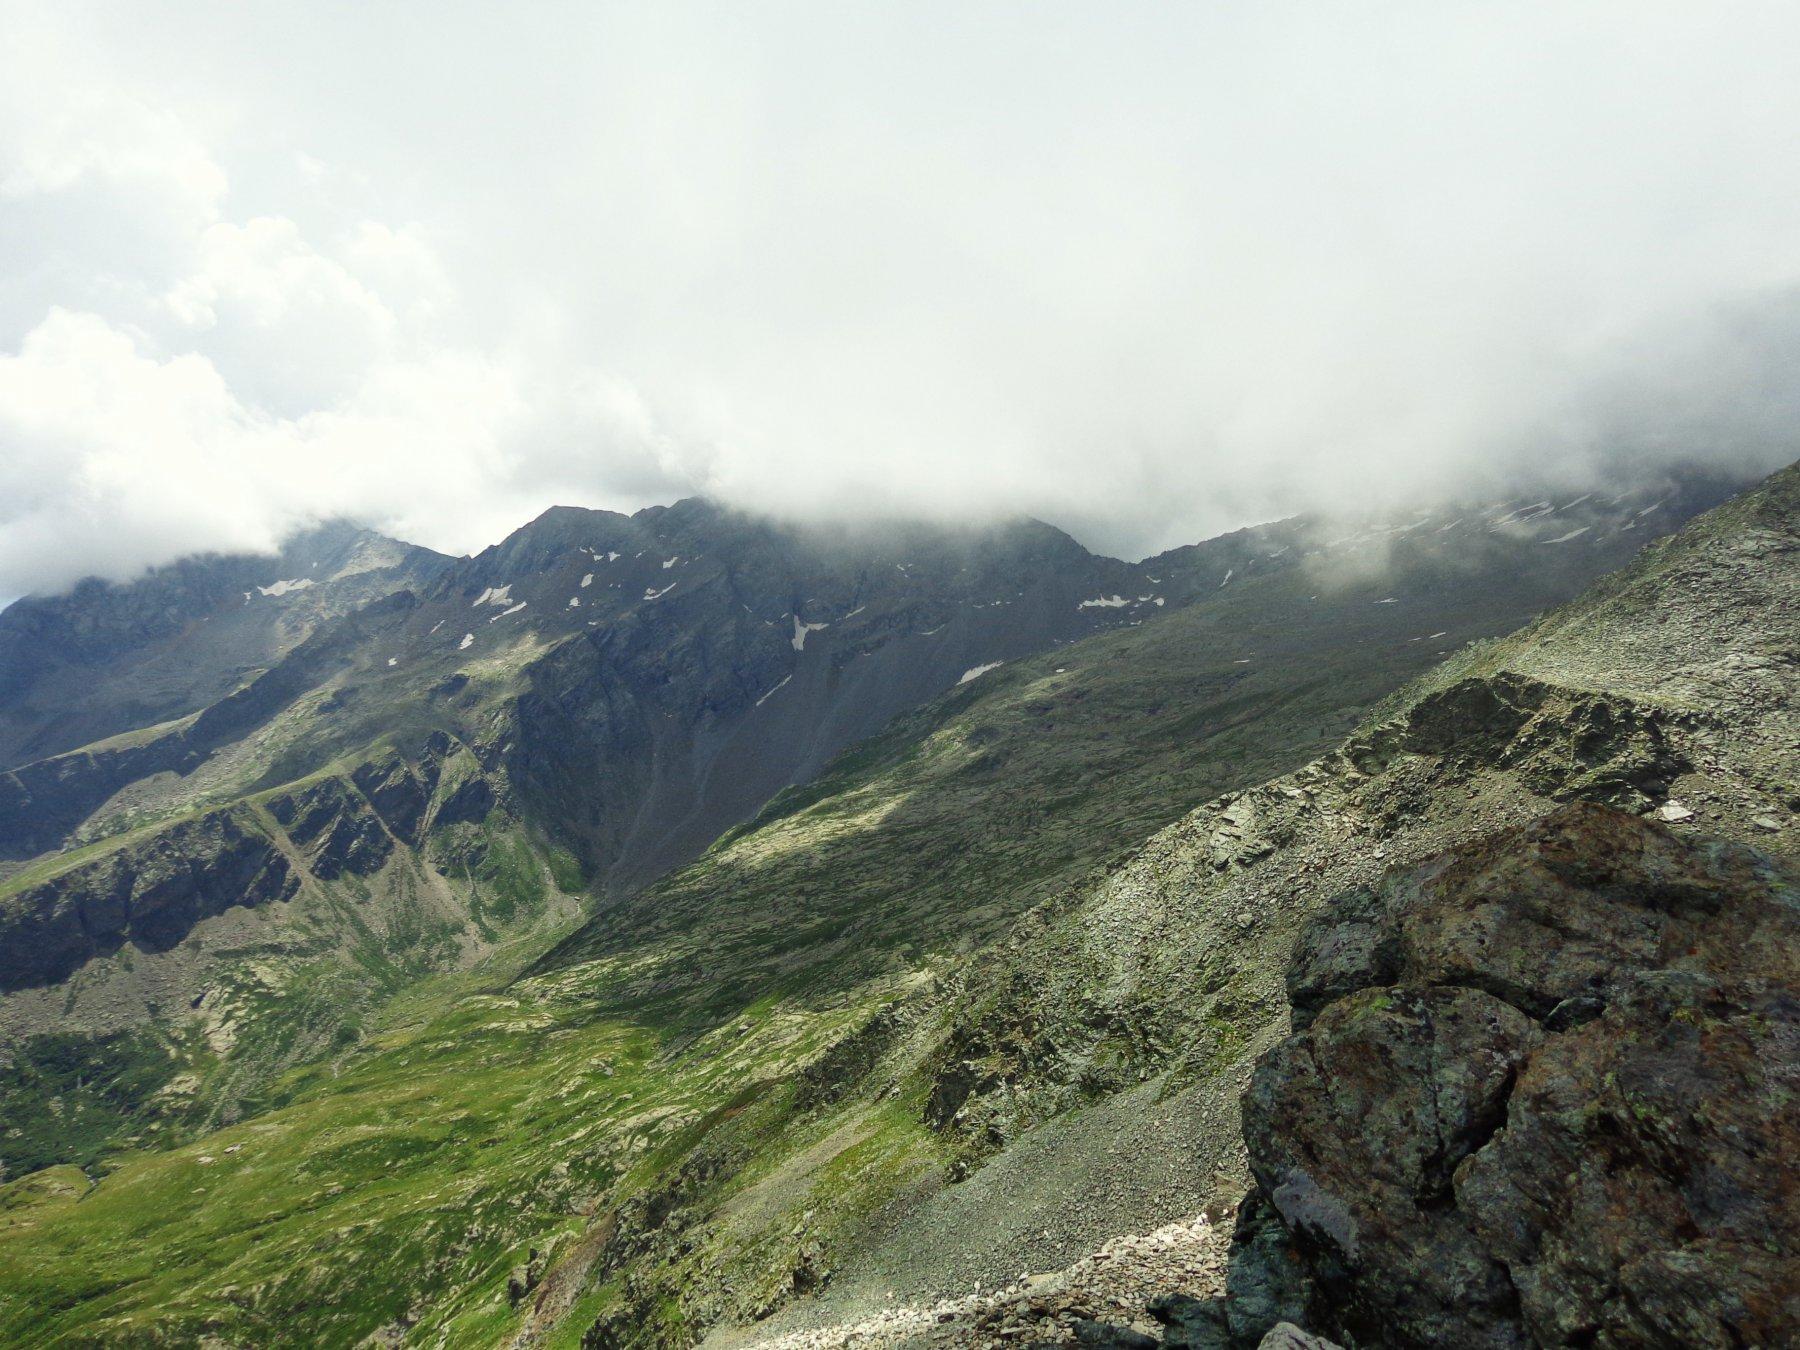 Piemonte con nuvoloni